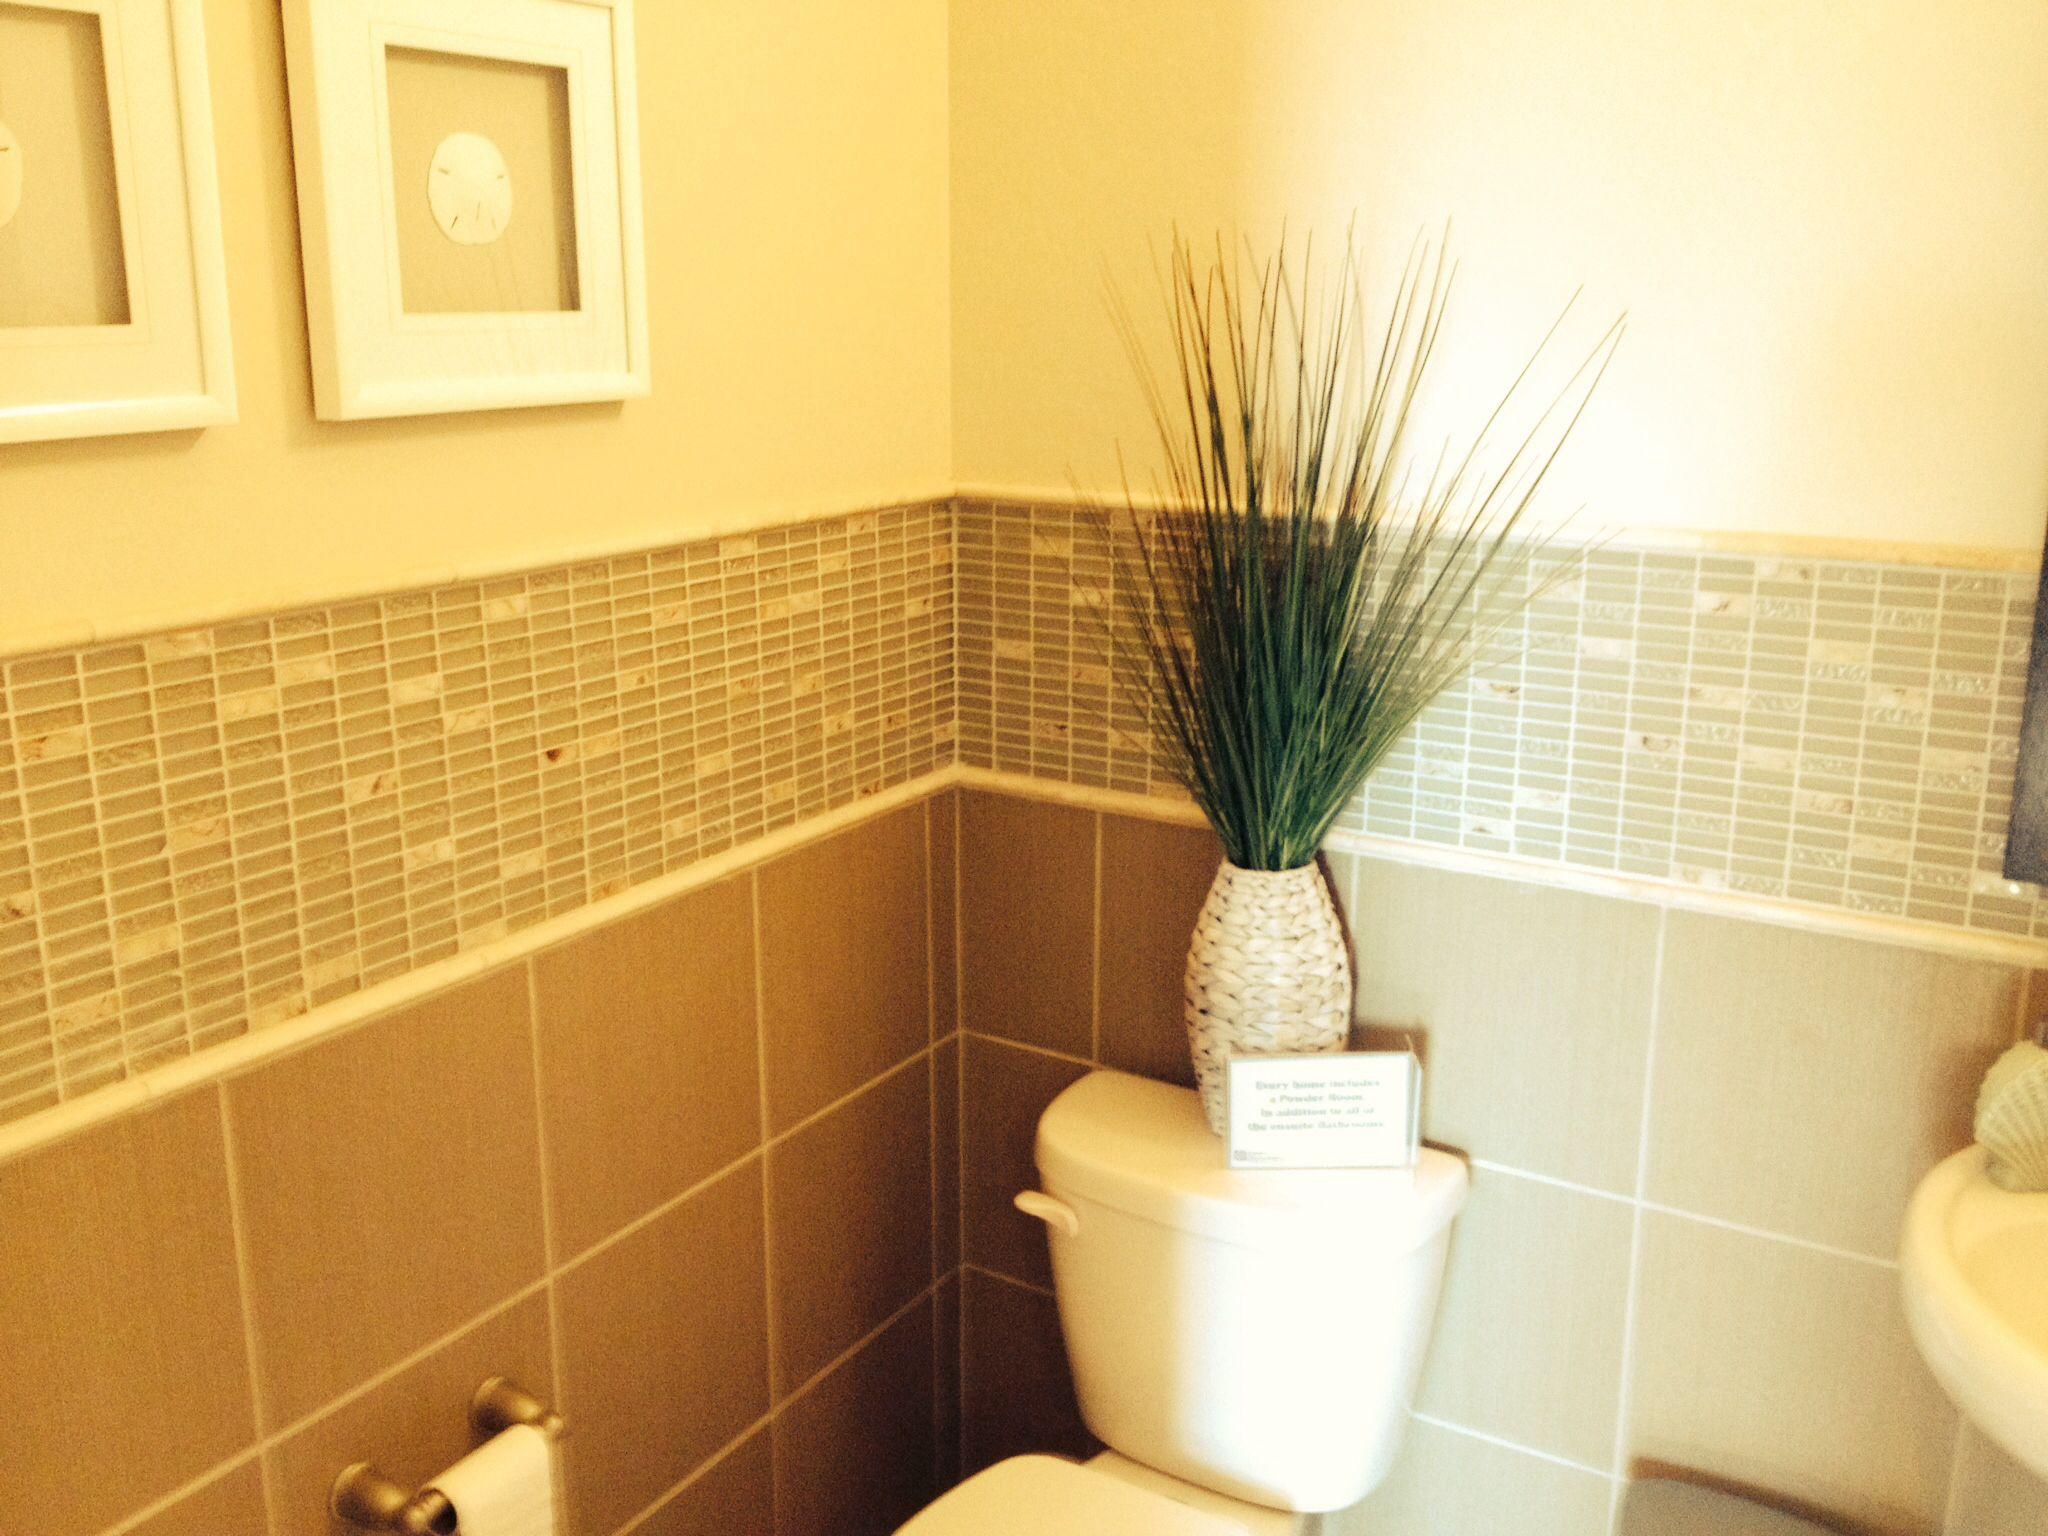 Powder room tile ideas | Powder room | Pinterest | Room tiles, Tile ...